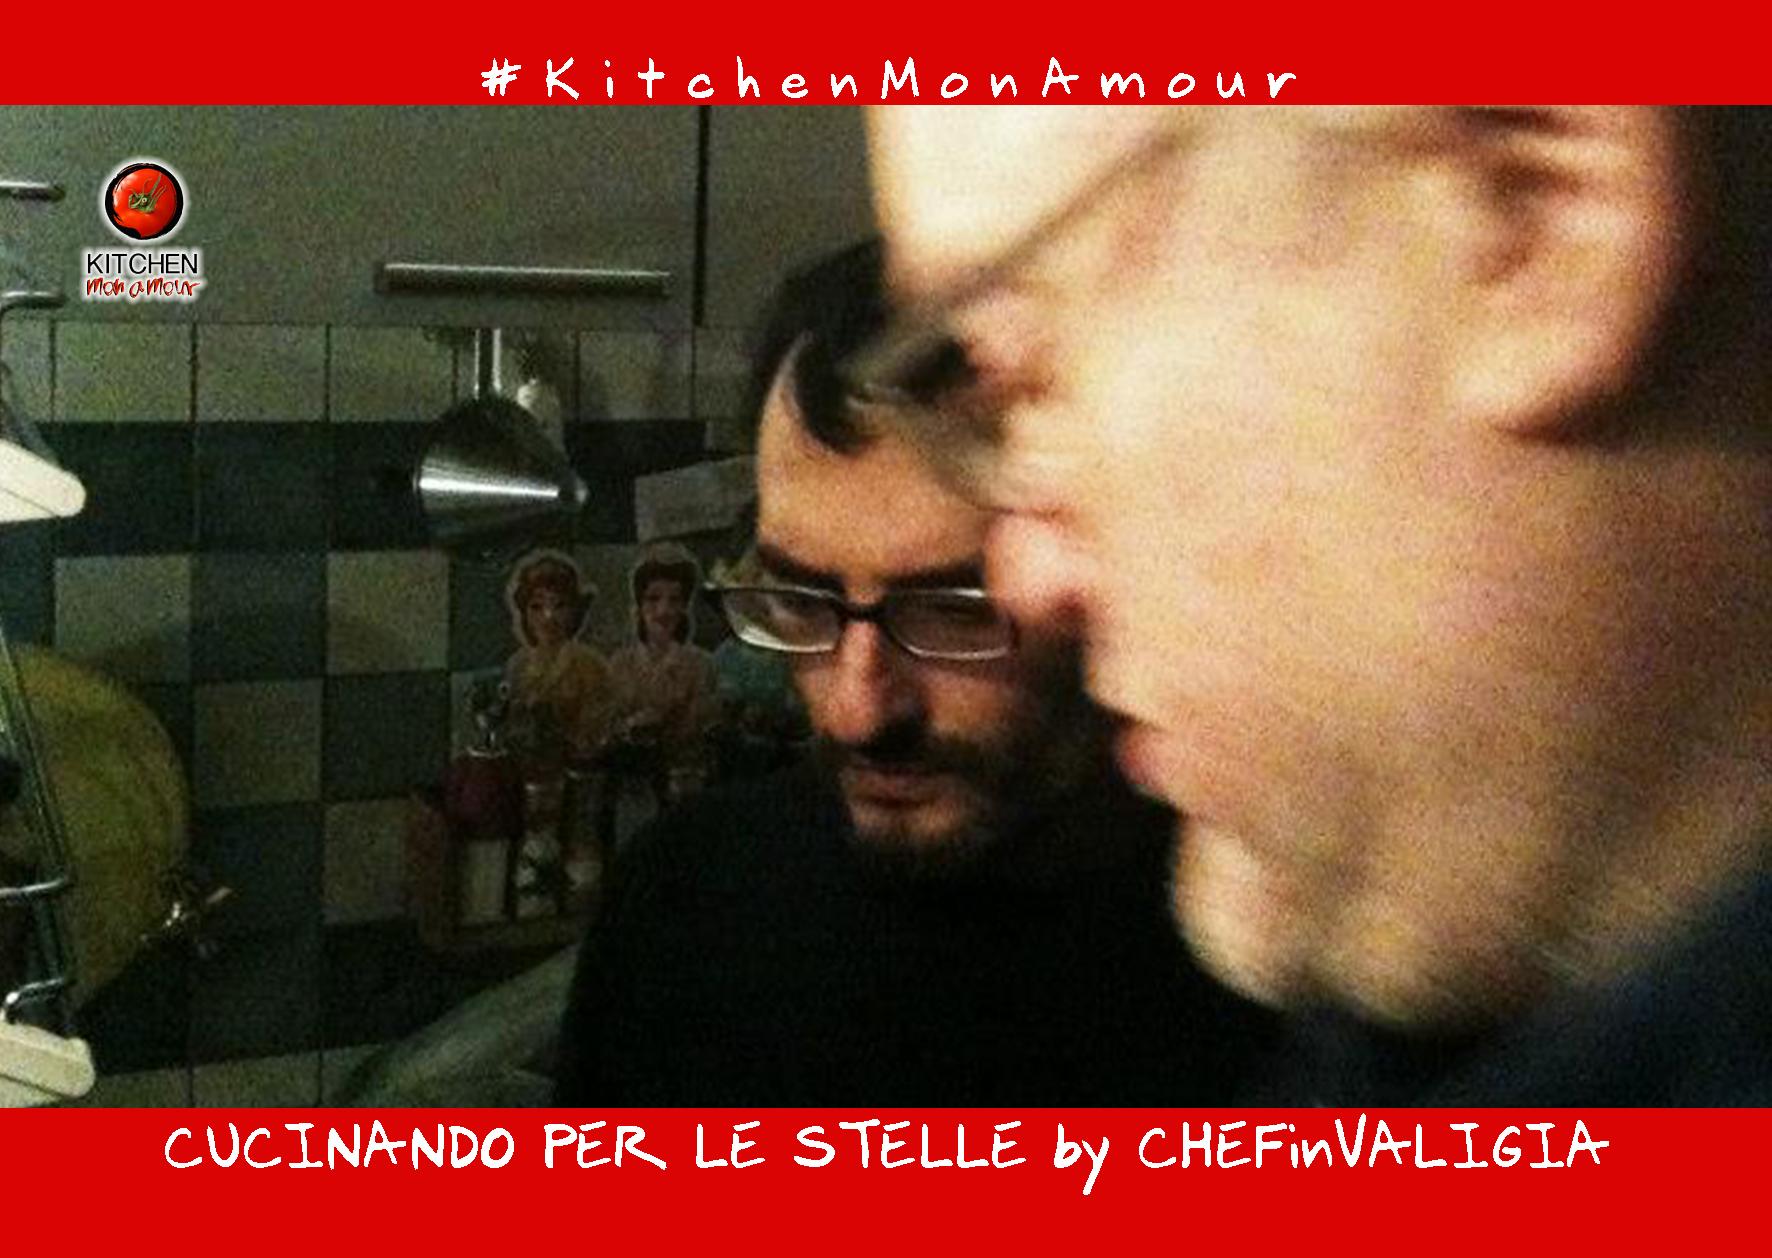 Cucinando-per-le-stelle-4_BobNoto_Kitchen-Mon-Amour